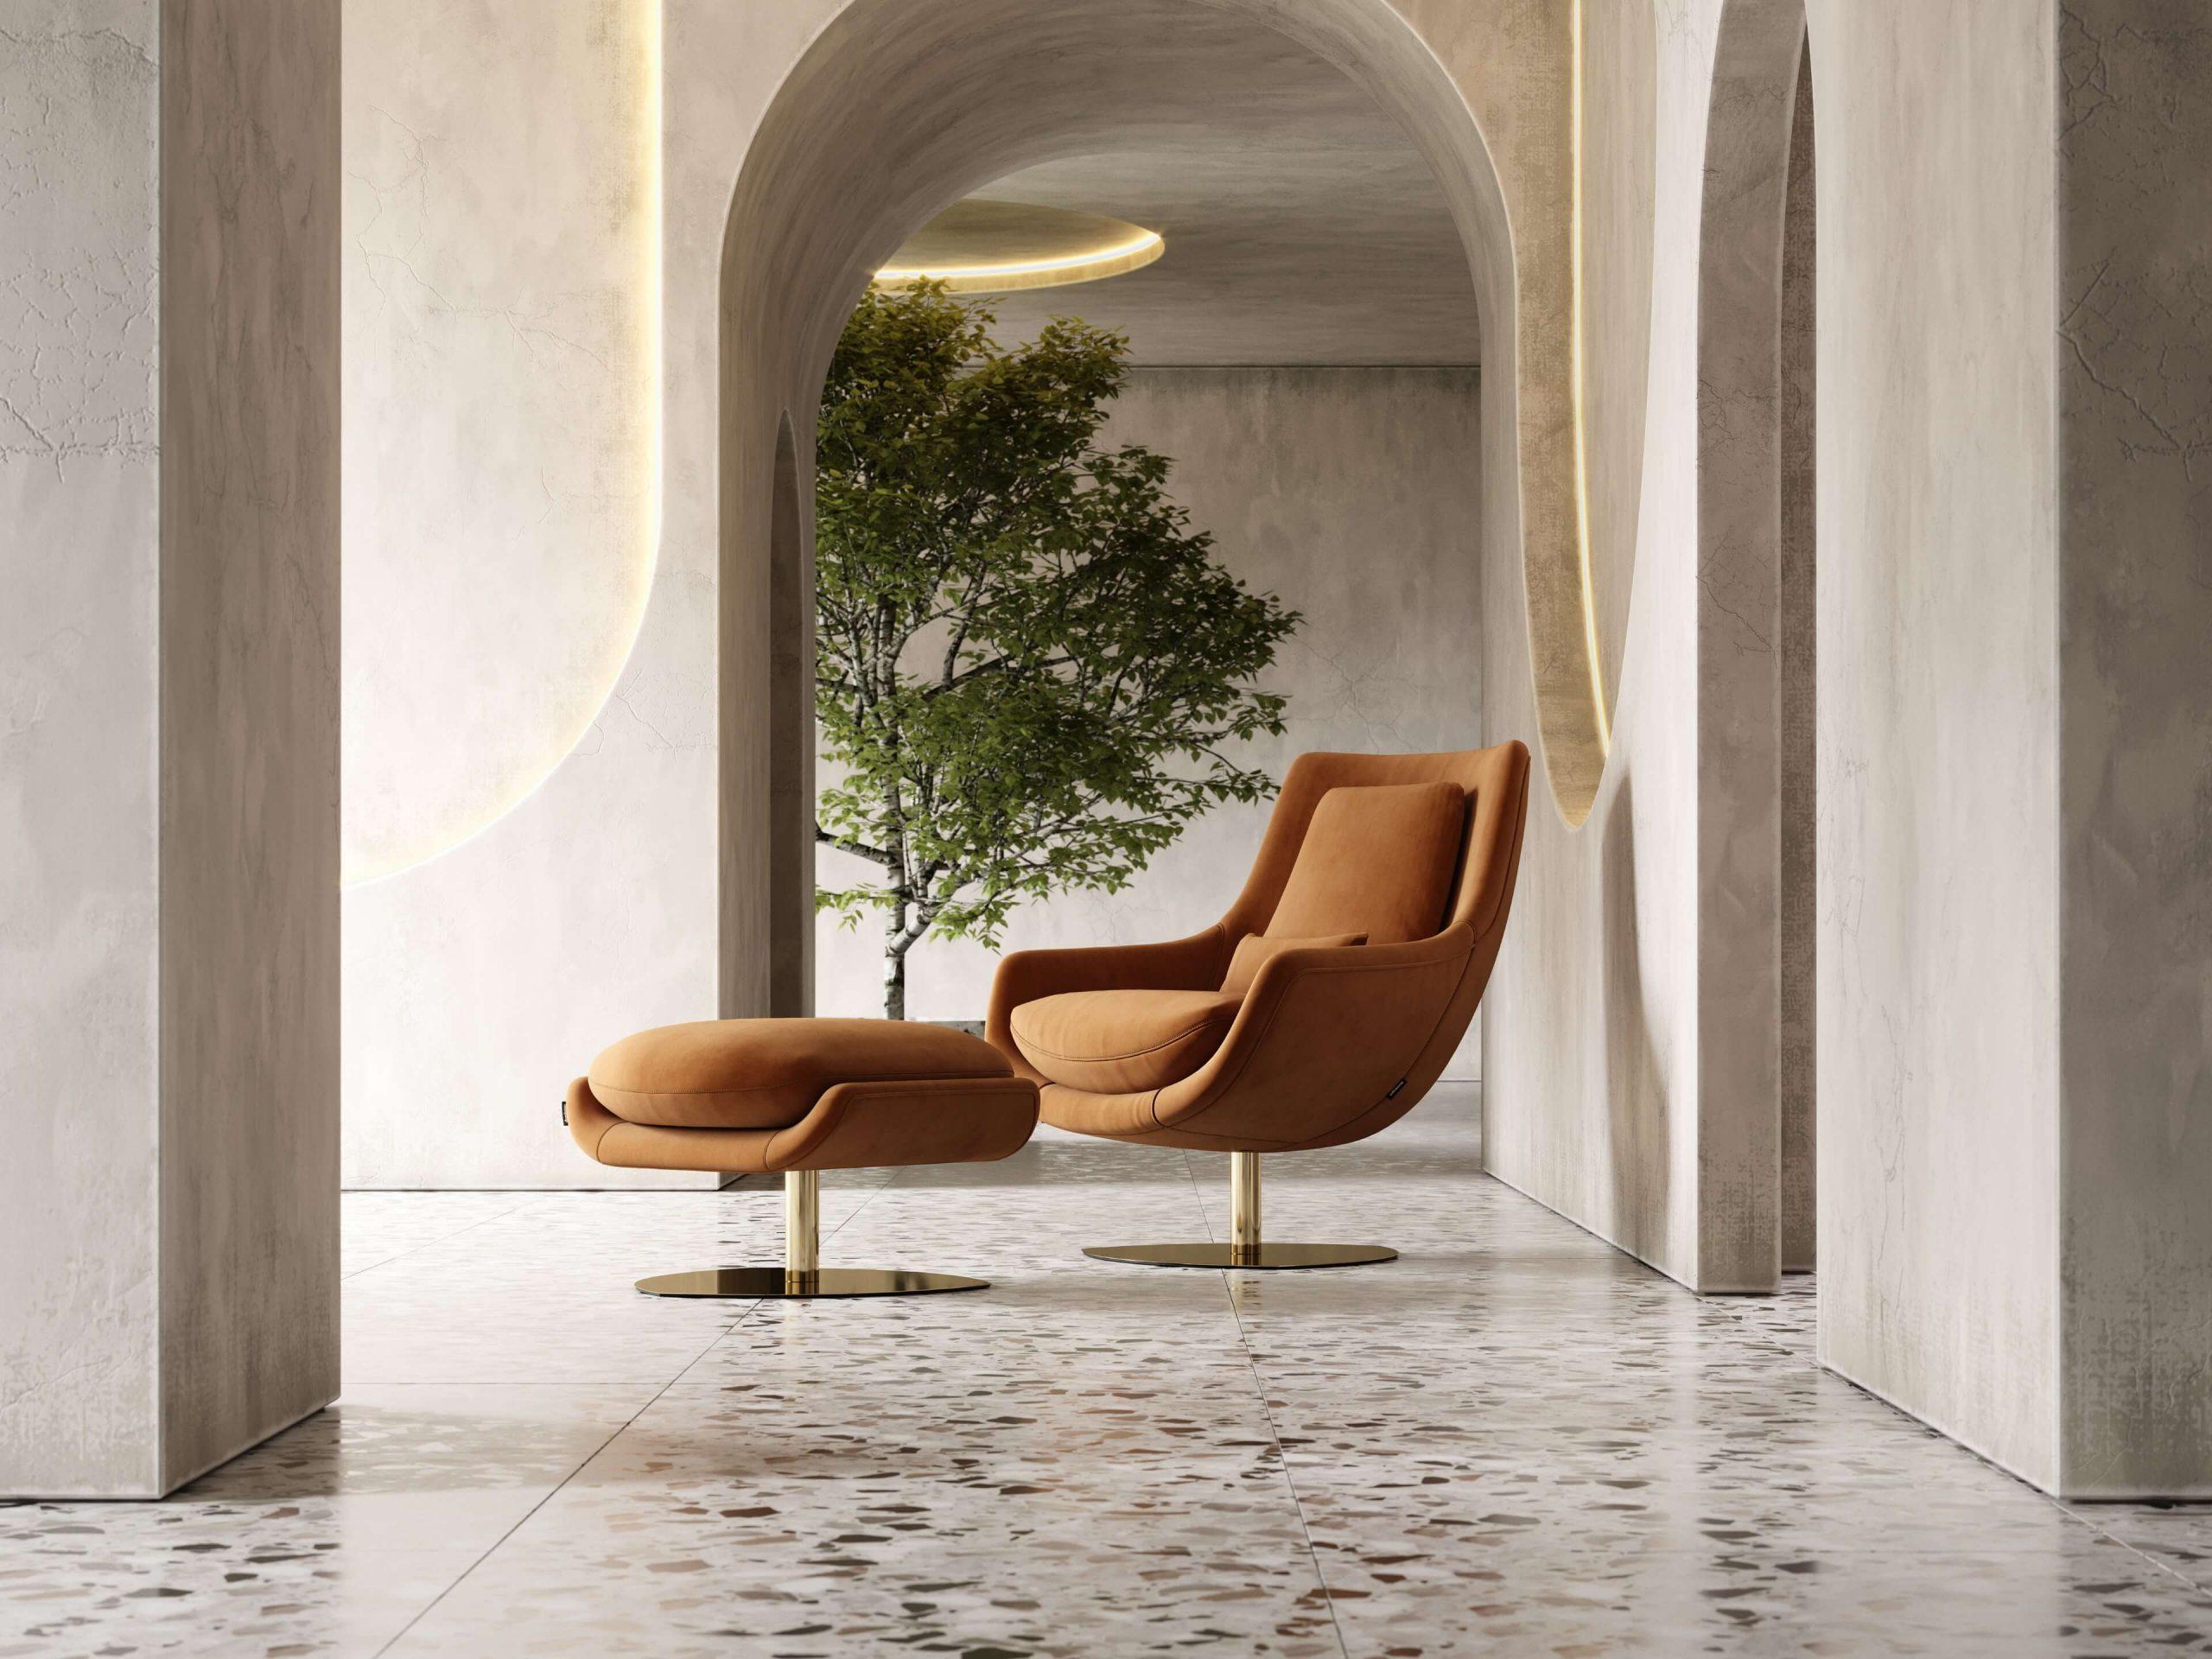 Elba-armchair-cotton-velvet-upholstered-furniture-living-room-interior-design-domkapa-Gold-stainless-steel-7